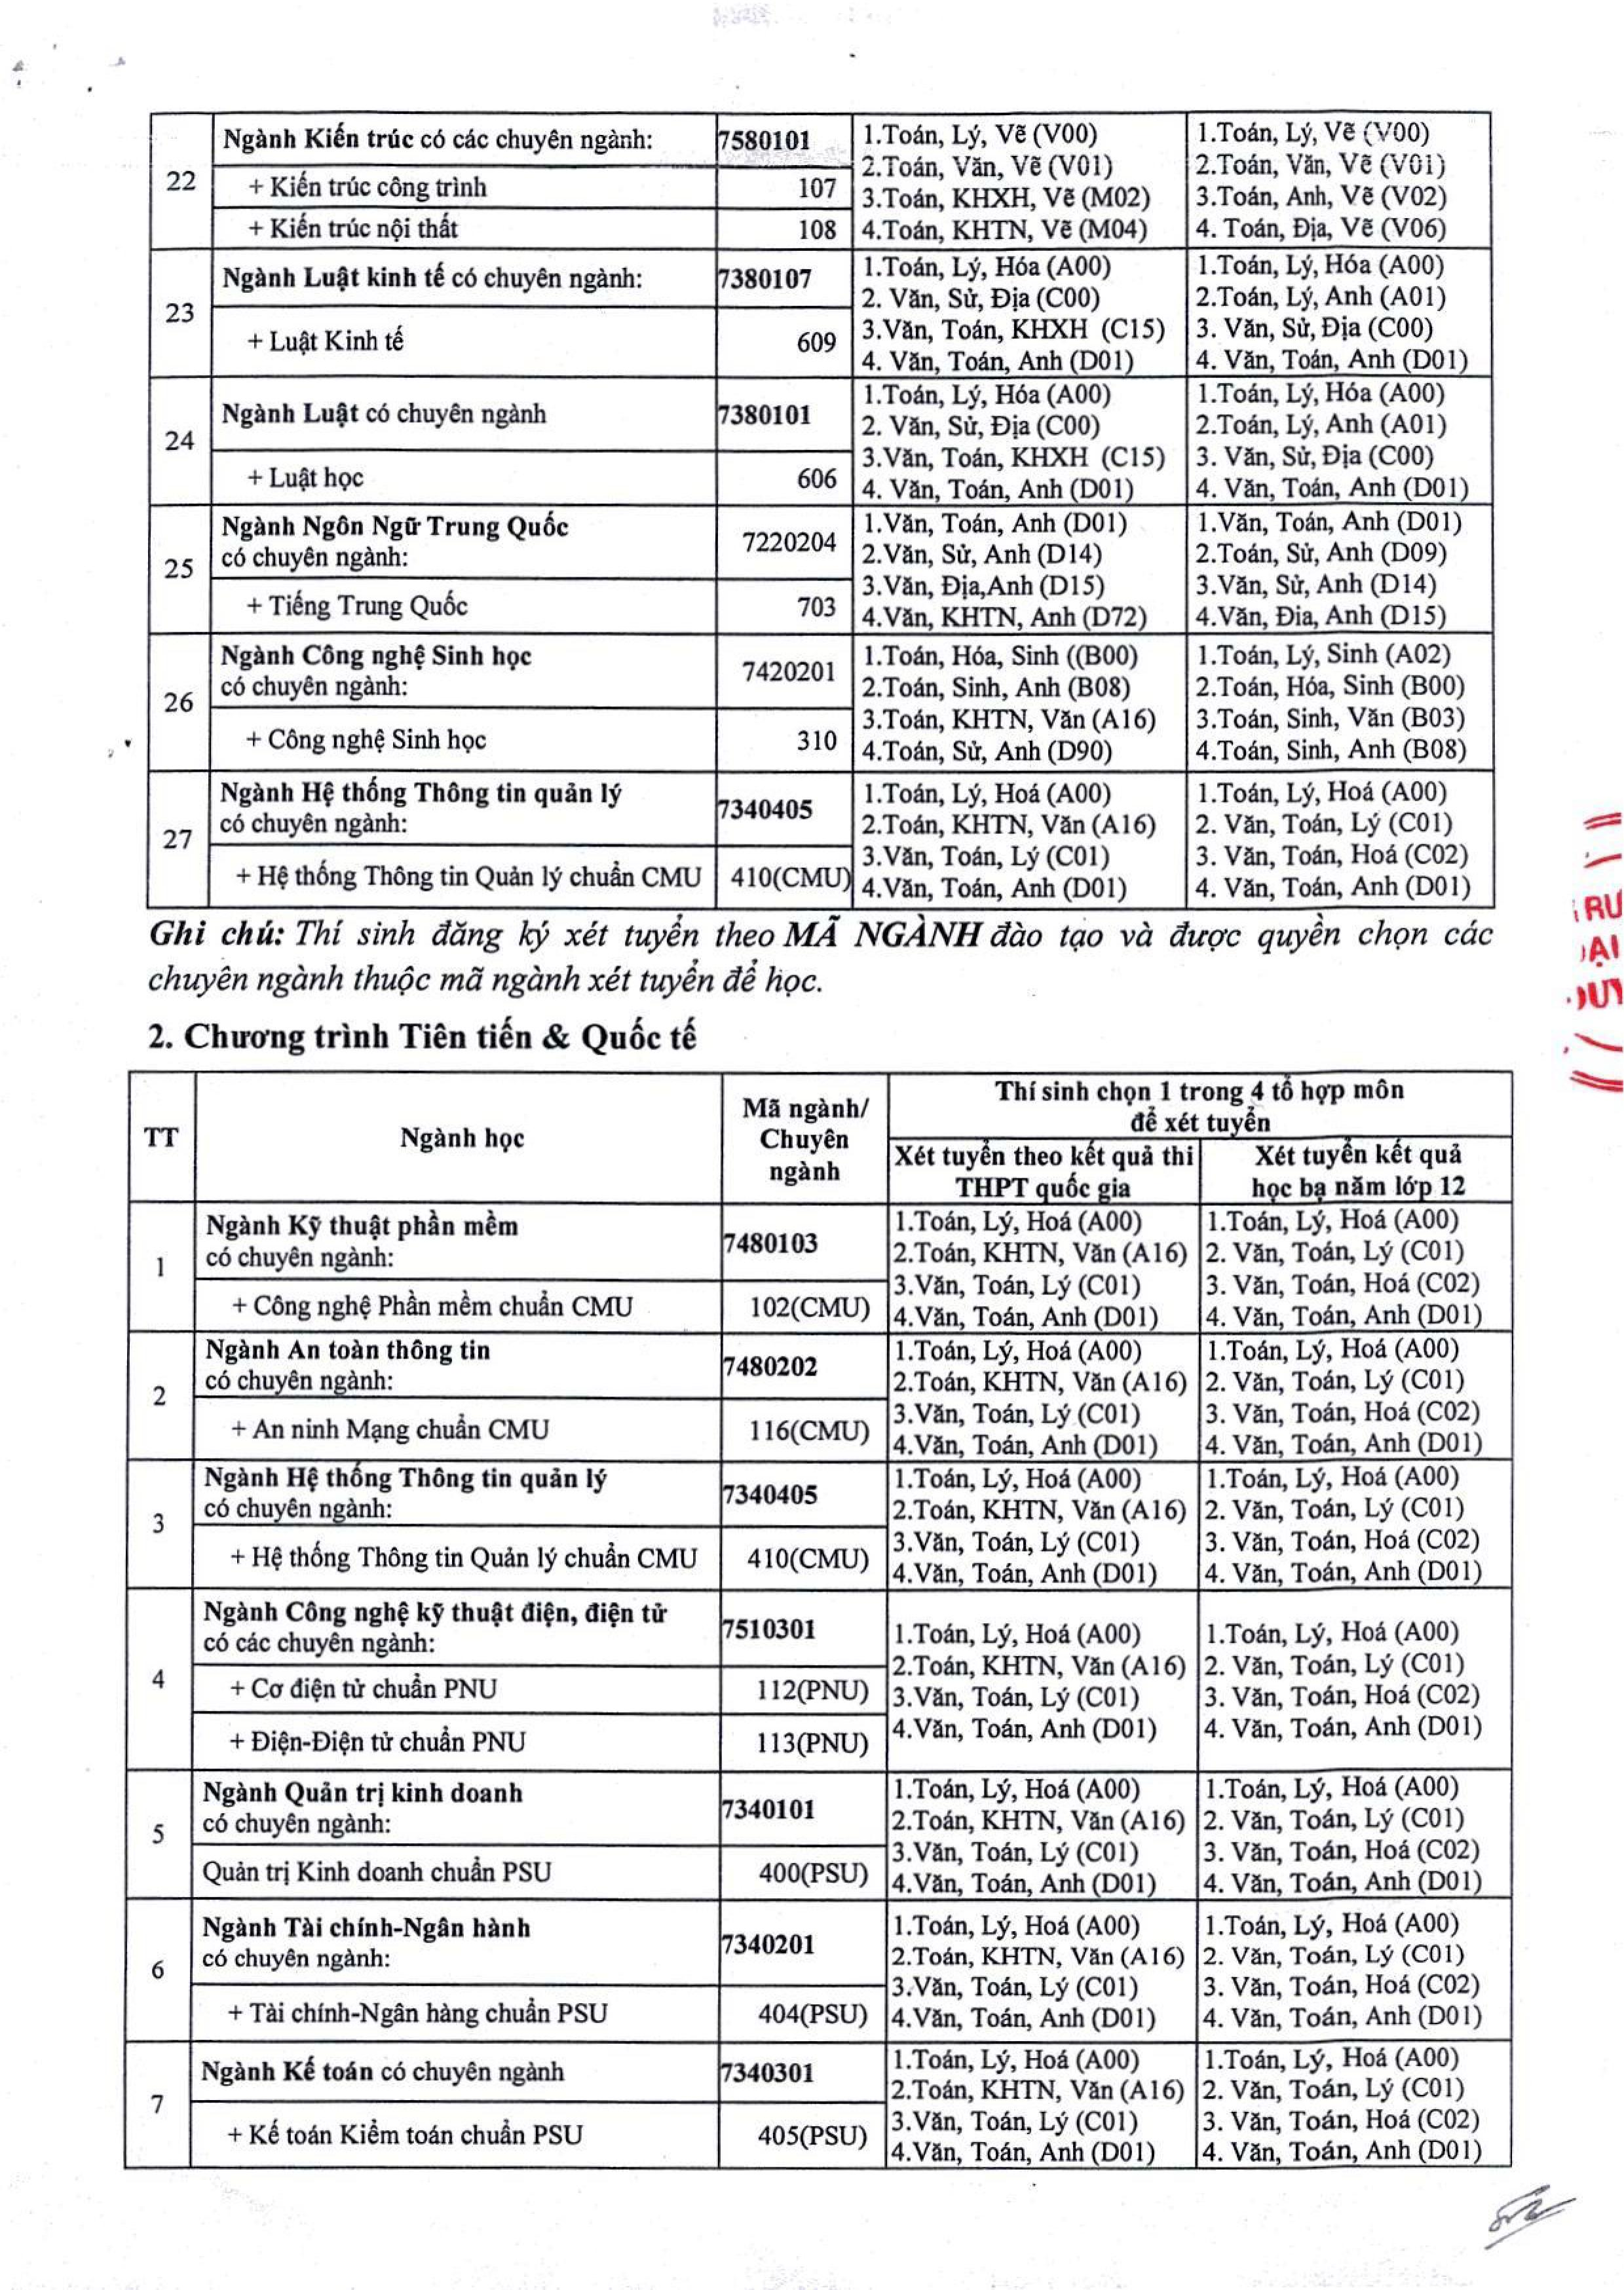 Thông báo Tuyển sinh Đại học Duy Tân năm 2019 0b436b61-62d2-483f-a827-b6f0bfab97b4